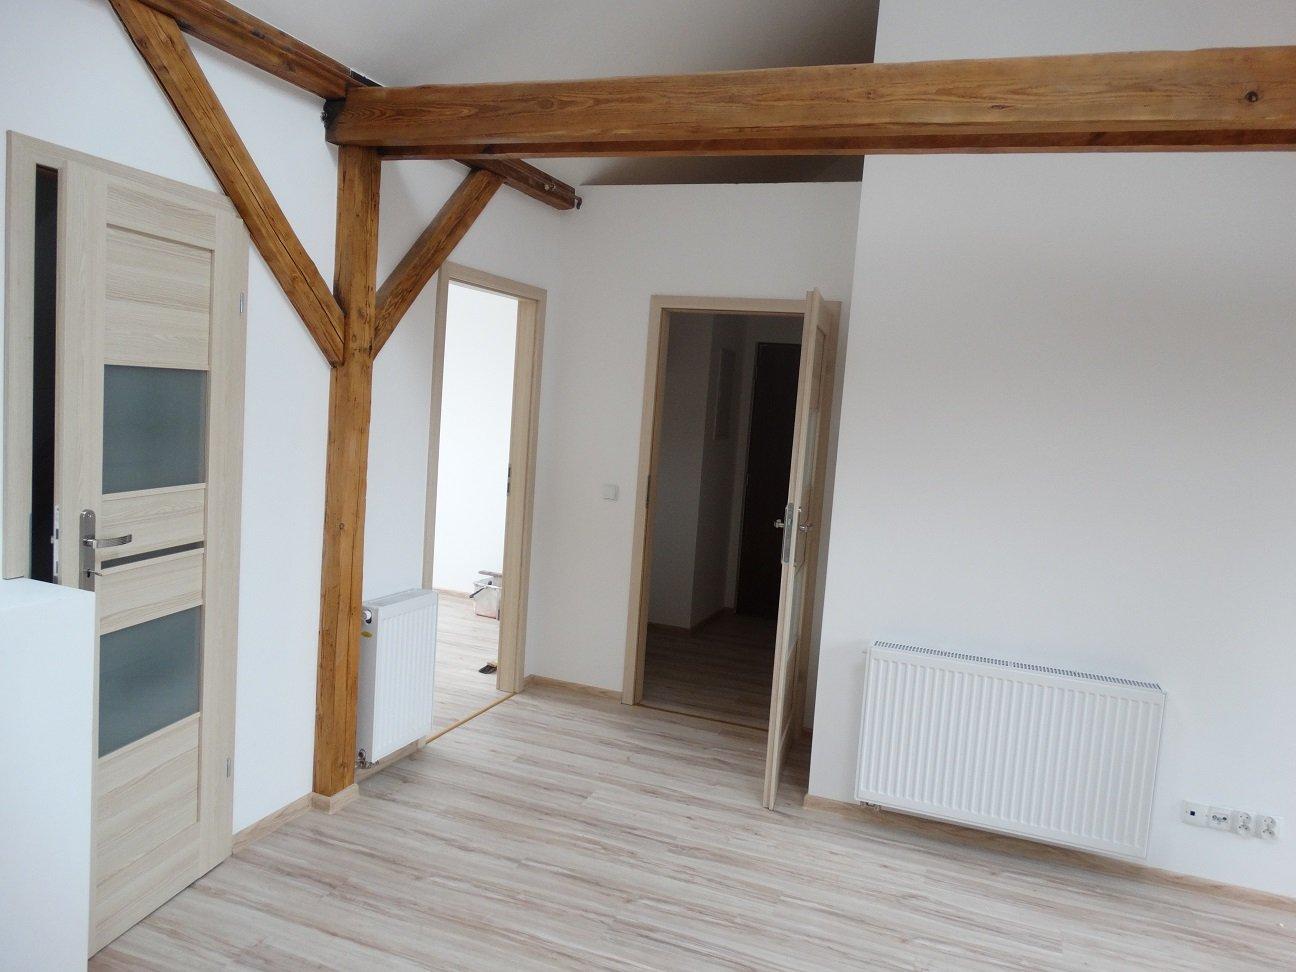 Mieszkanie, 71 m2, Opole - Śródmieście